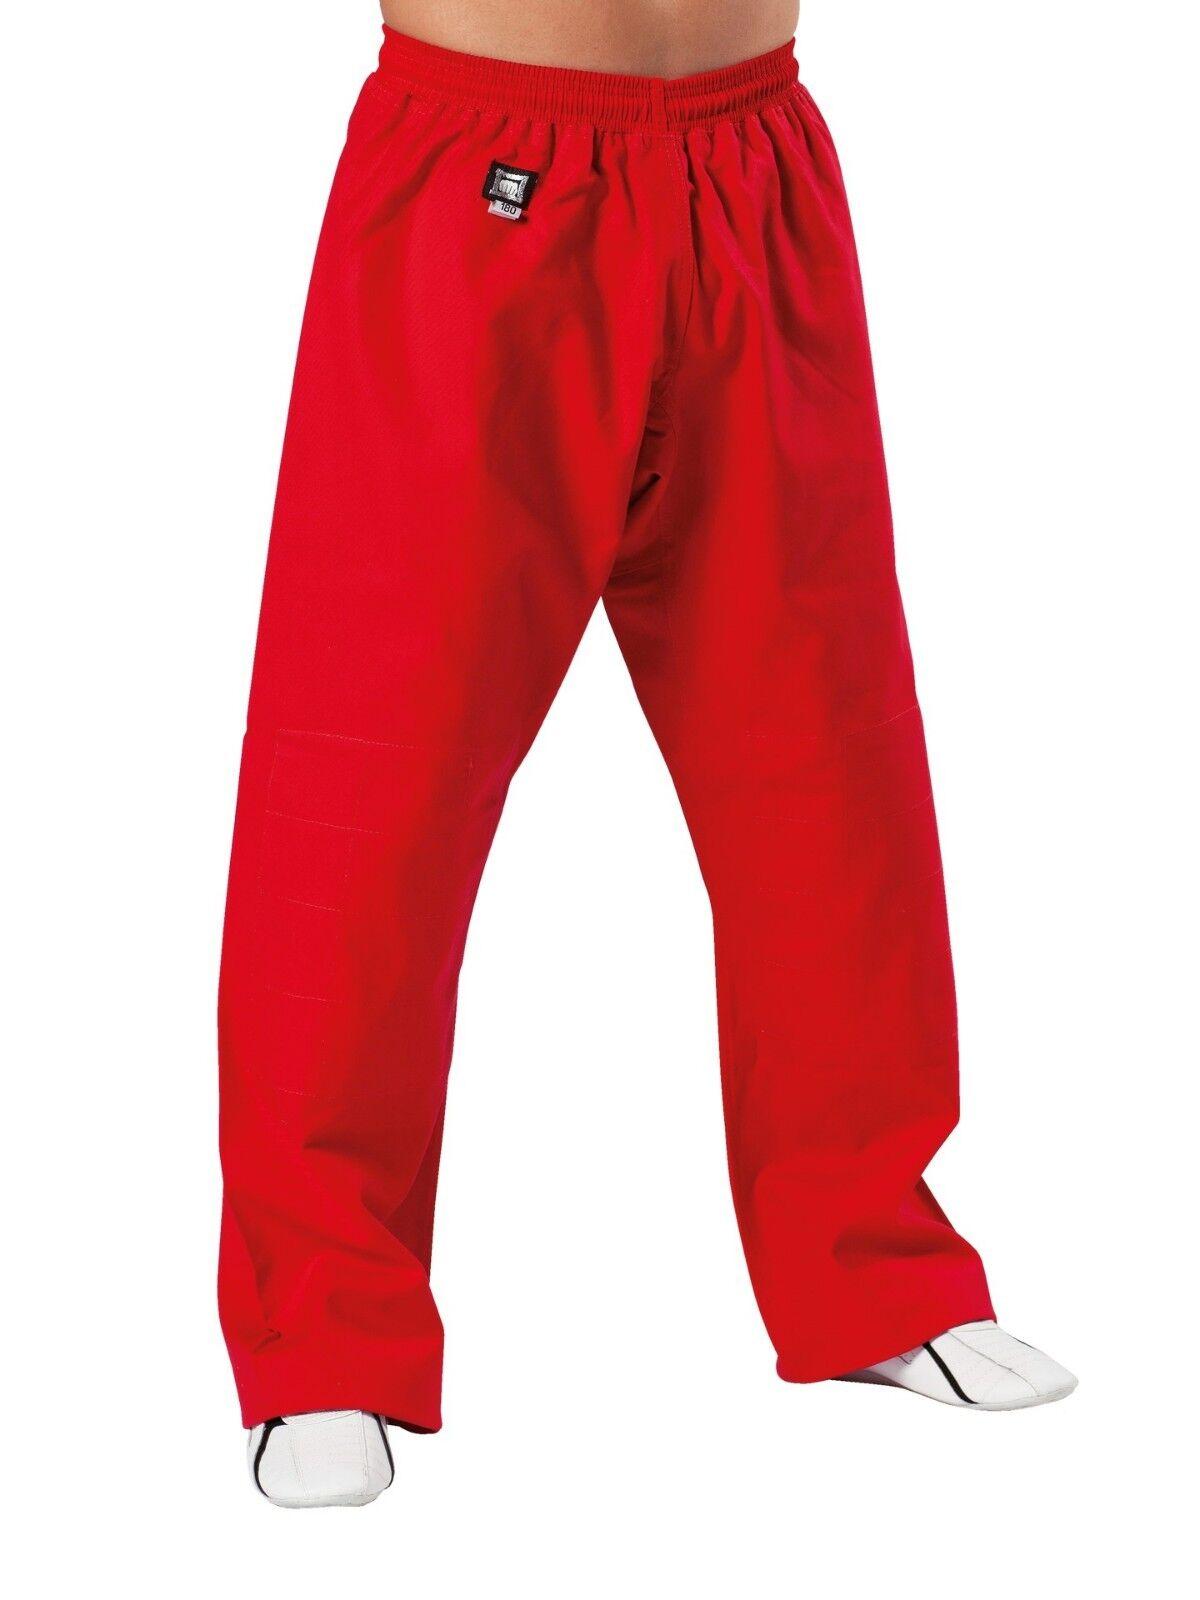 Kwon SV Specialist Hose Hose Hose in rot, 12Oz, in 180 od. 190cm. Ju Jutsu, Karate, SV,BJJ  | Hervorragende Eigenschaften  | Tragen-wider  | Ausgezeichnet  a2fdbe